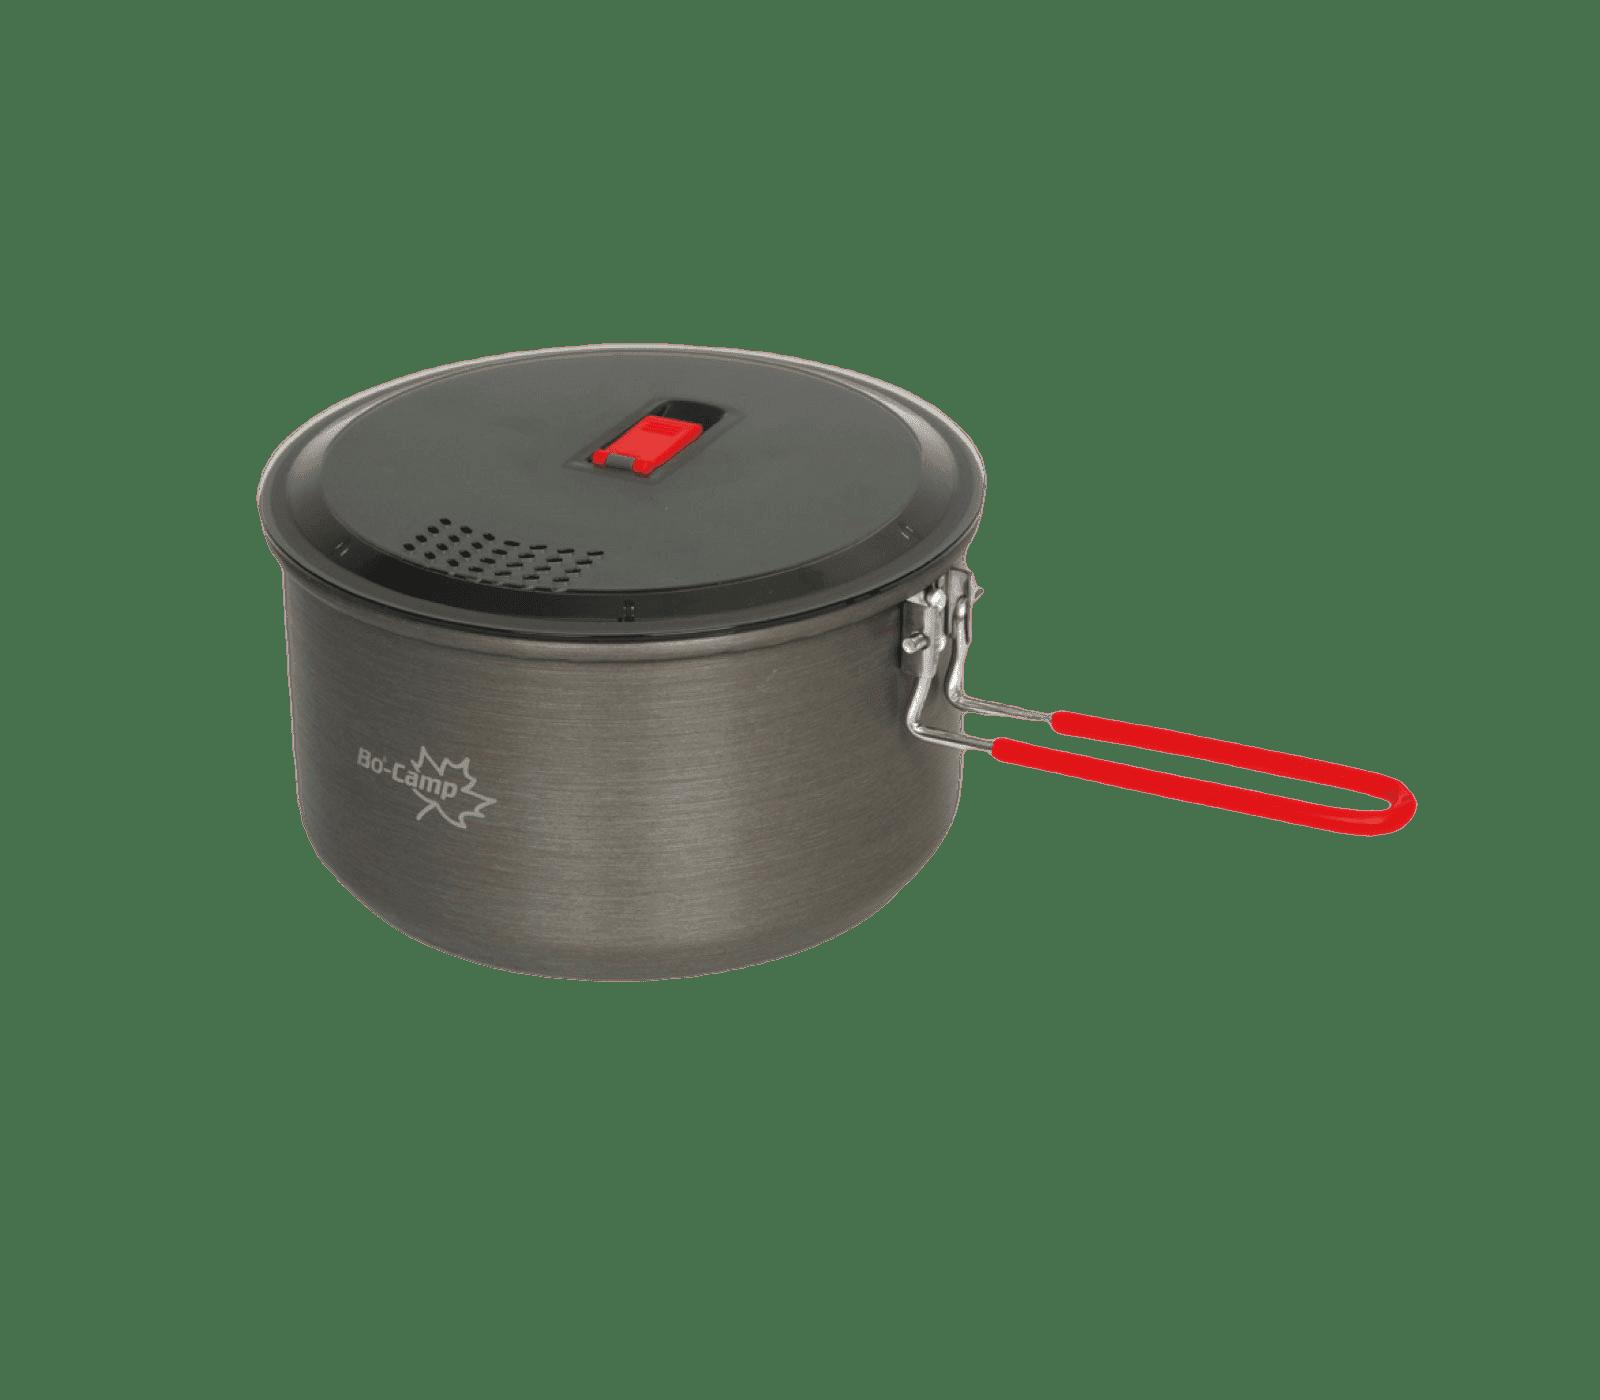 Pan hard anodized ø18x10cm